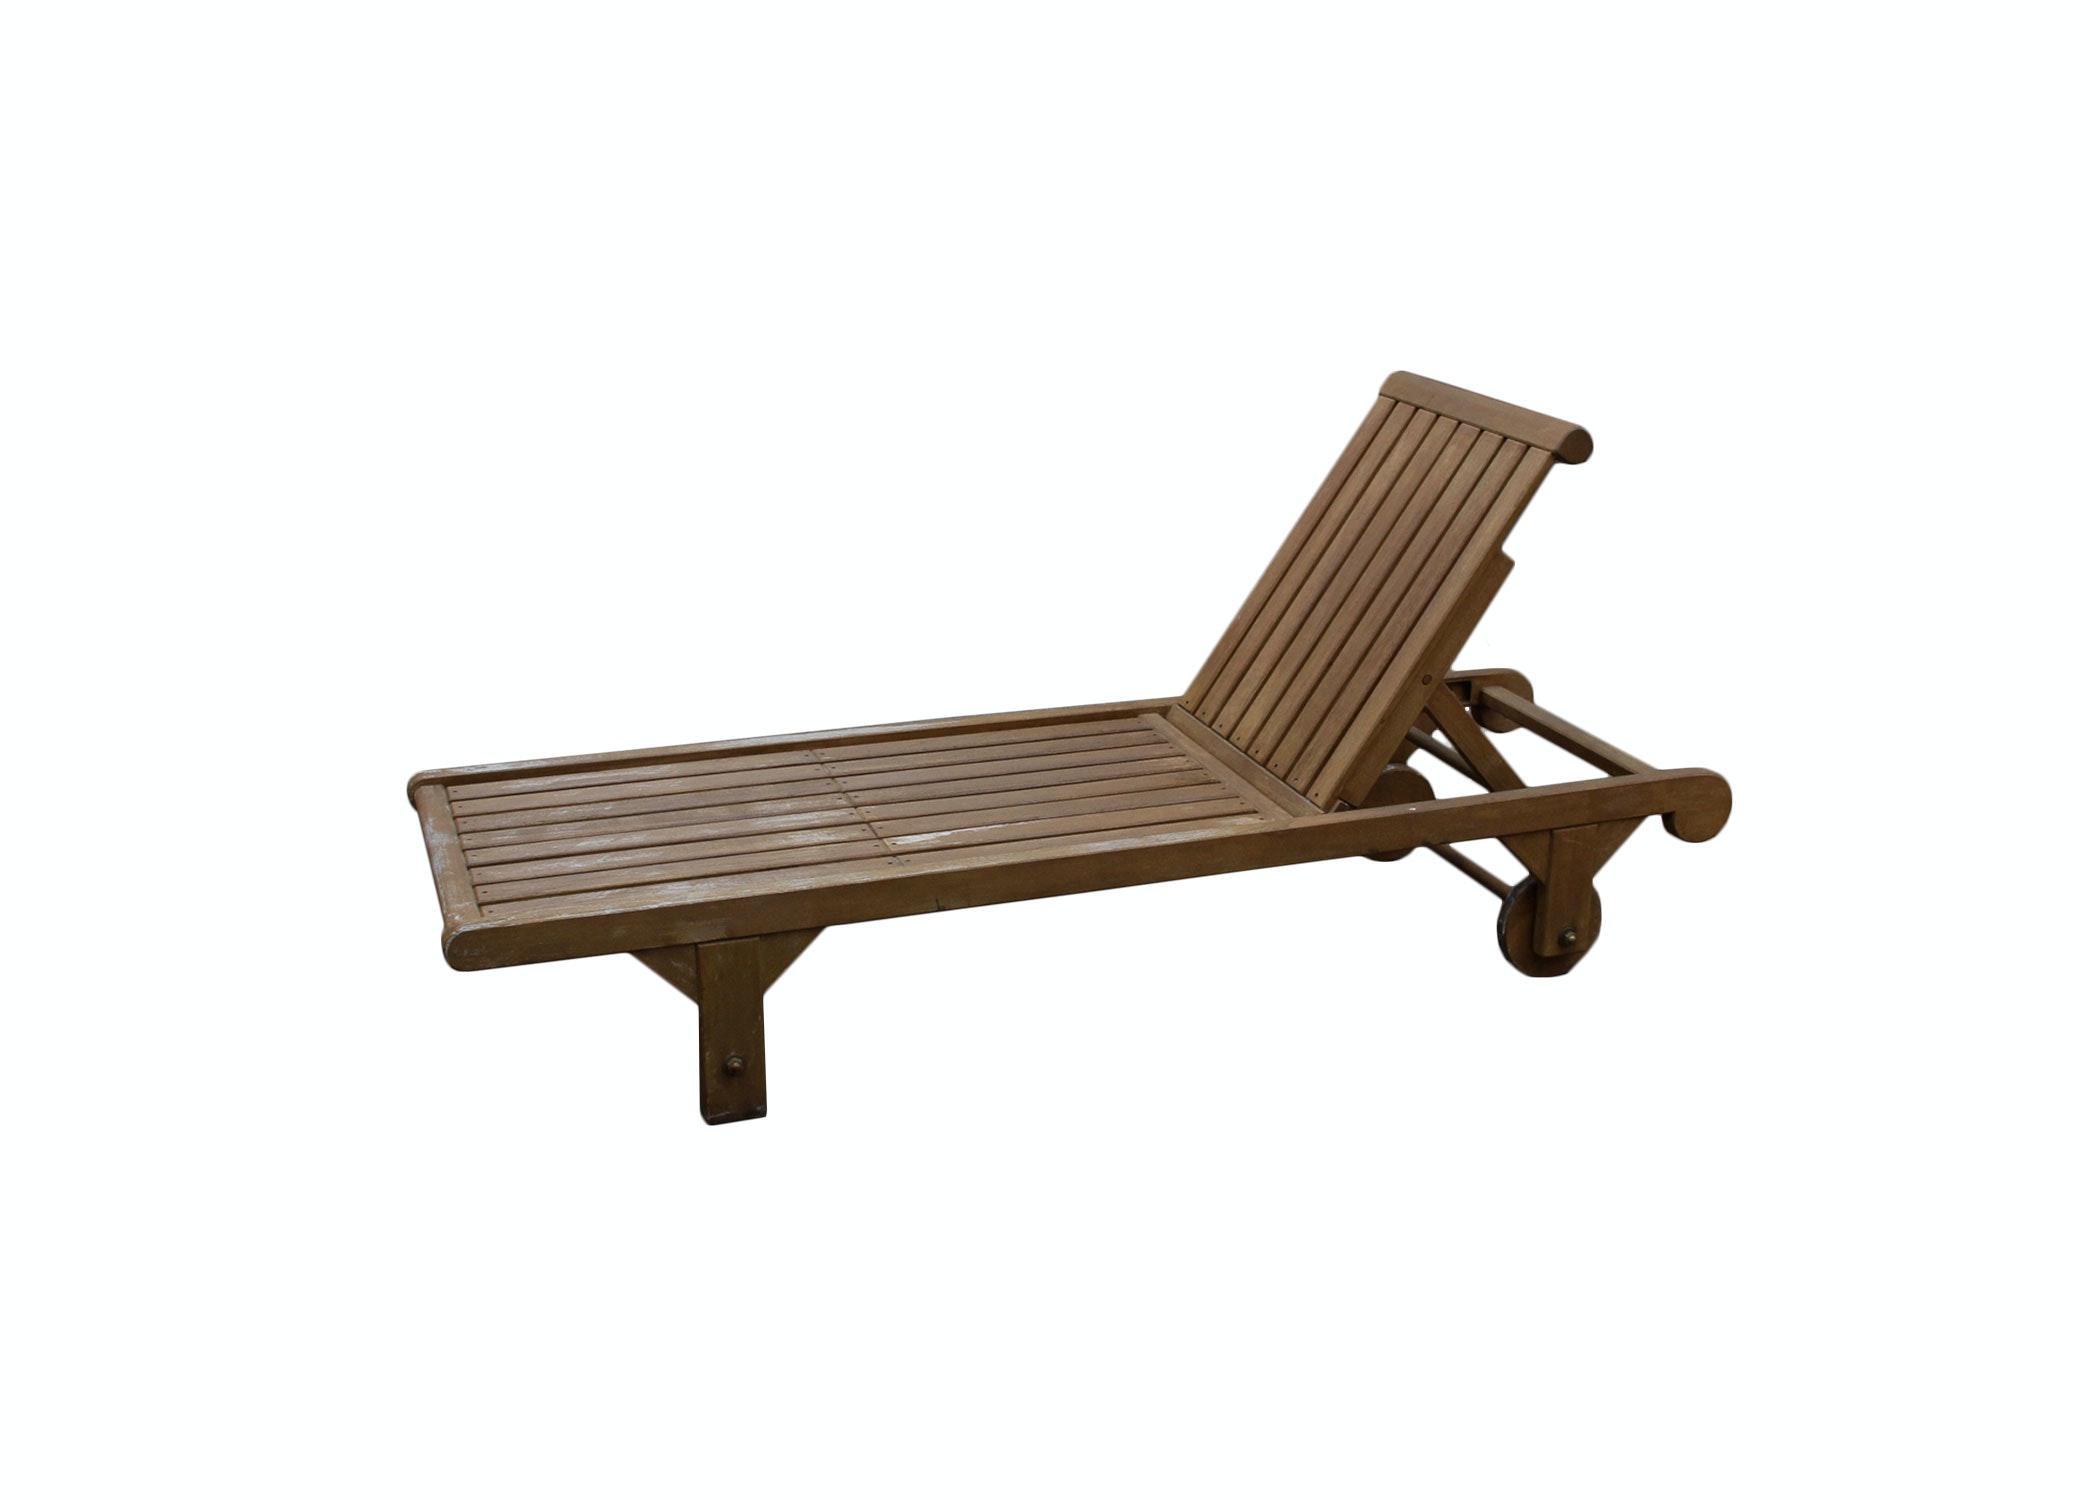 Kingsley-Bate Wooden Pool Lounge Chair